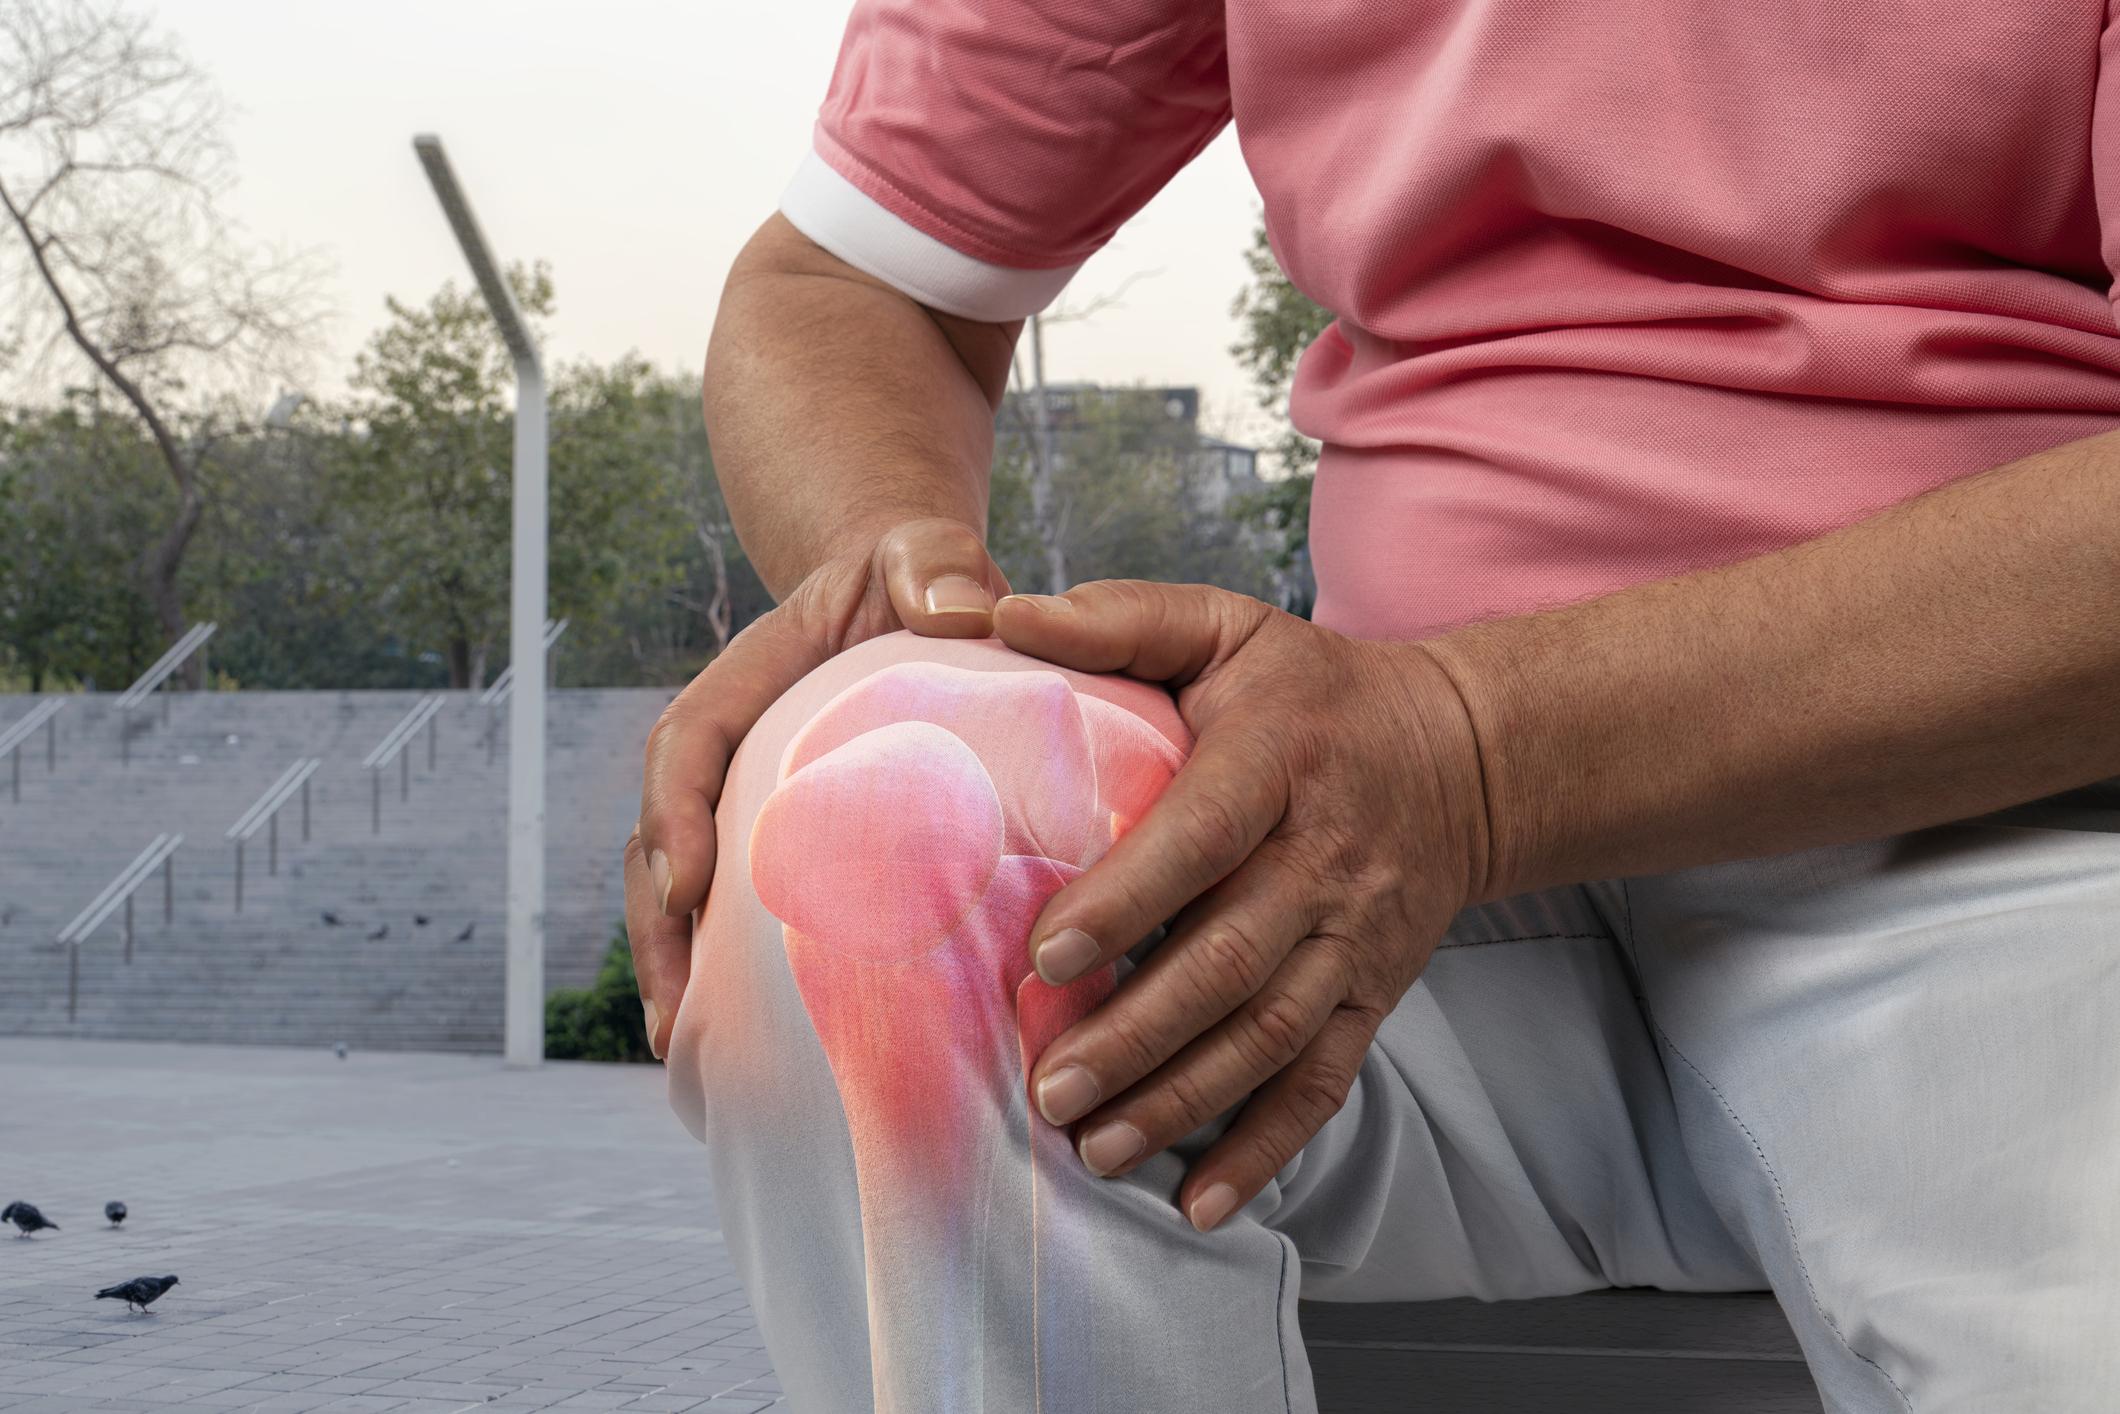 Palettar/Knee Pain